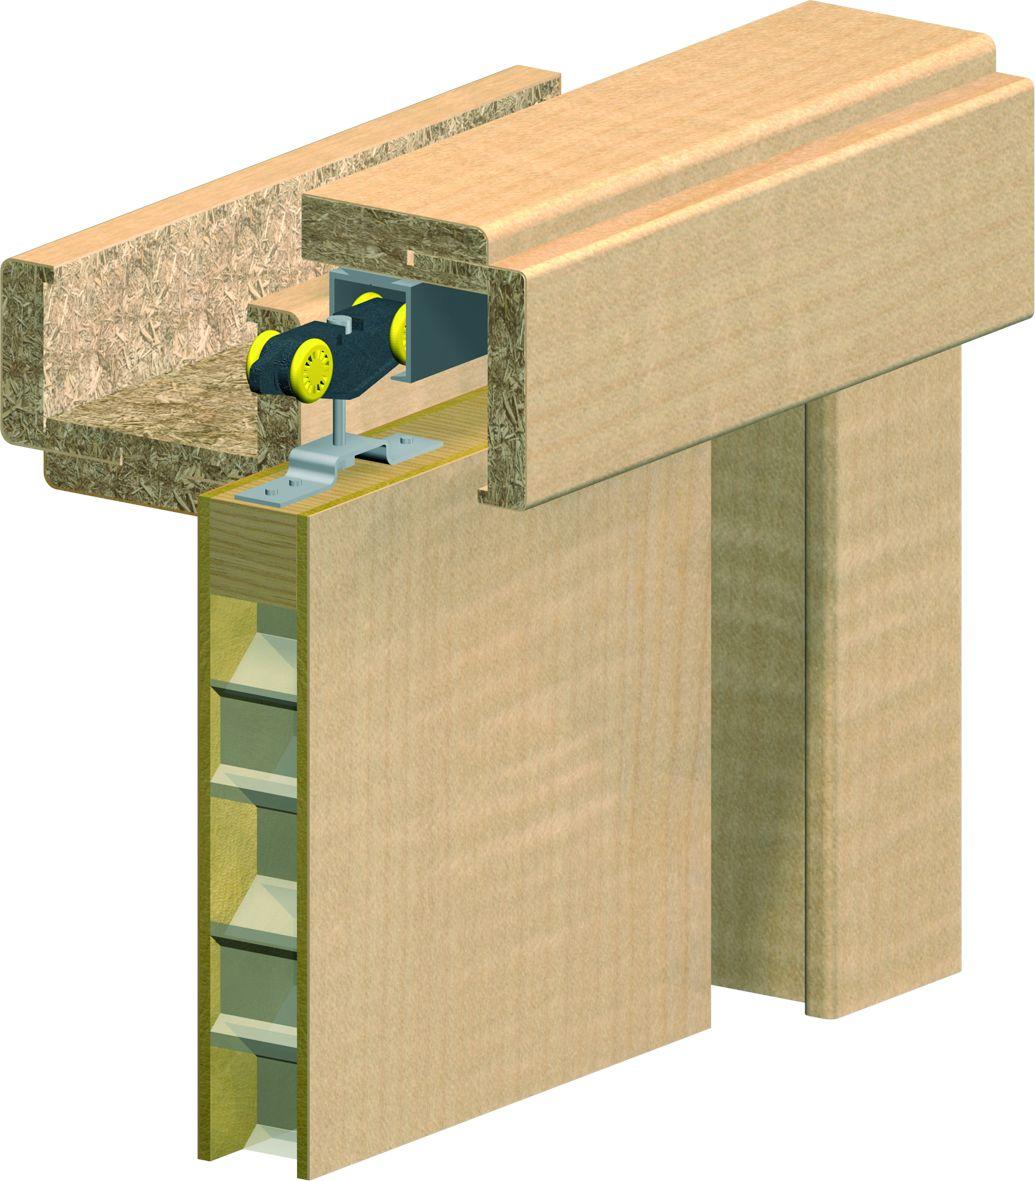 PORTA sliding system